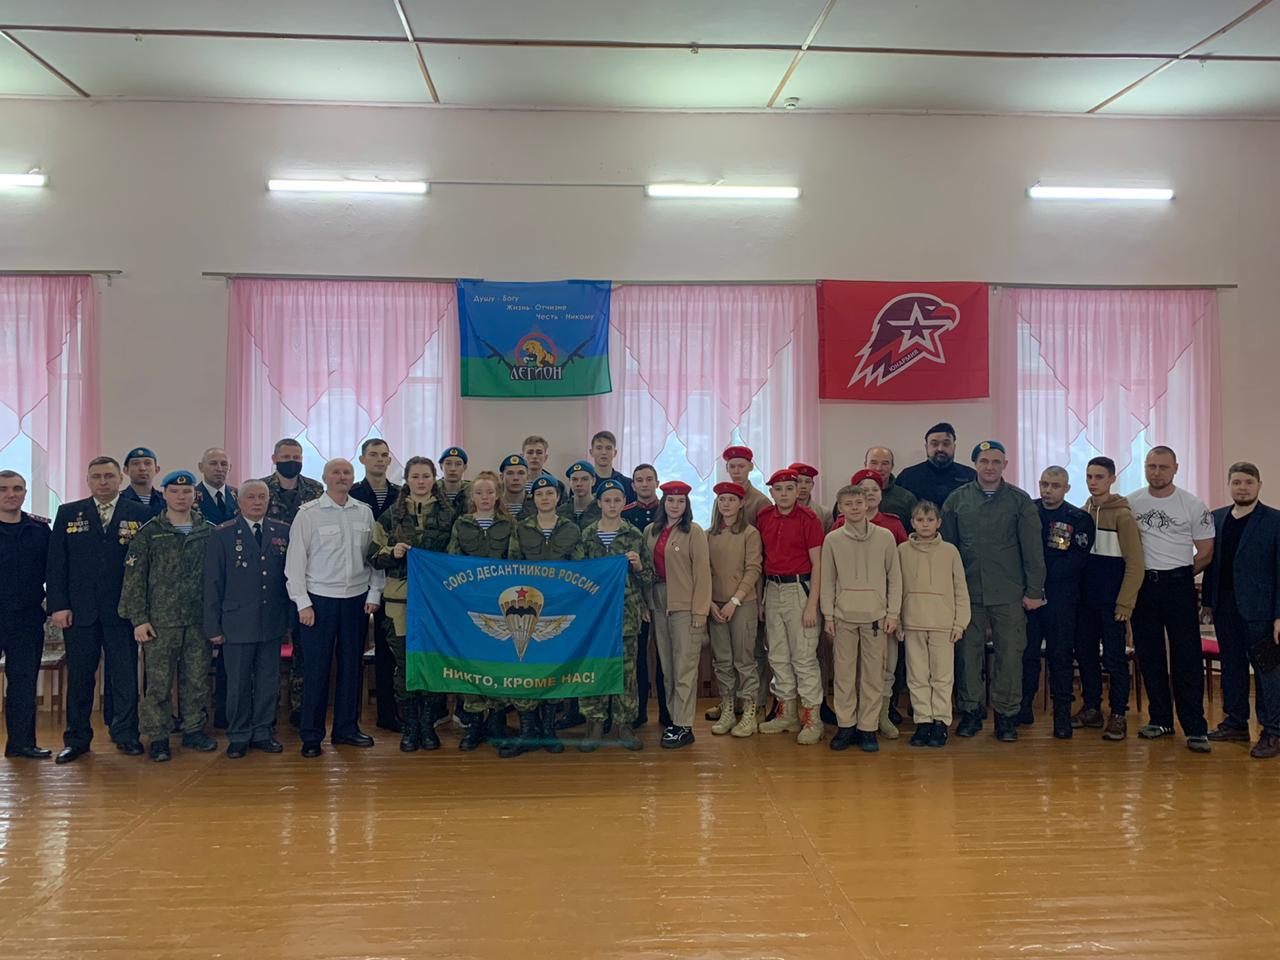 «Союза десантников Удмуртии» и МОО ВПК десантной направленности «Легион» провели мероприятие «Связь поколений»